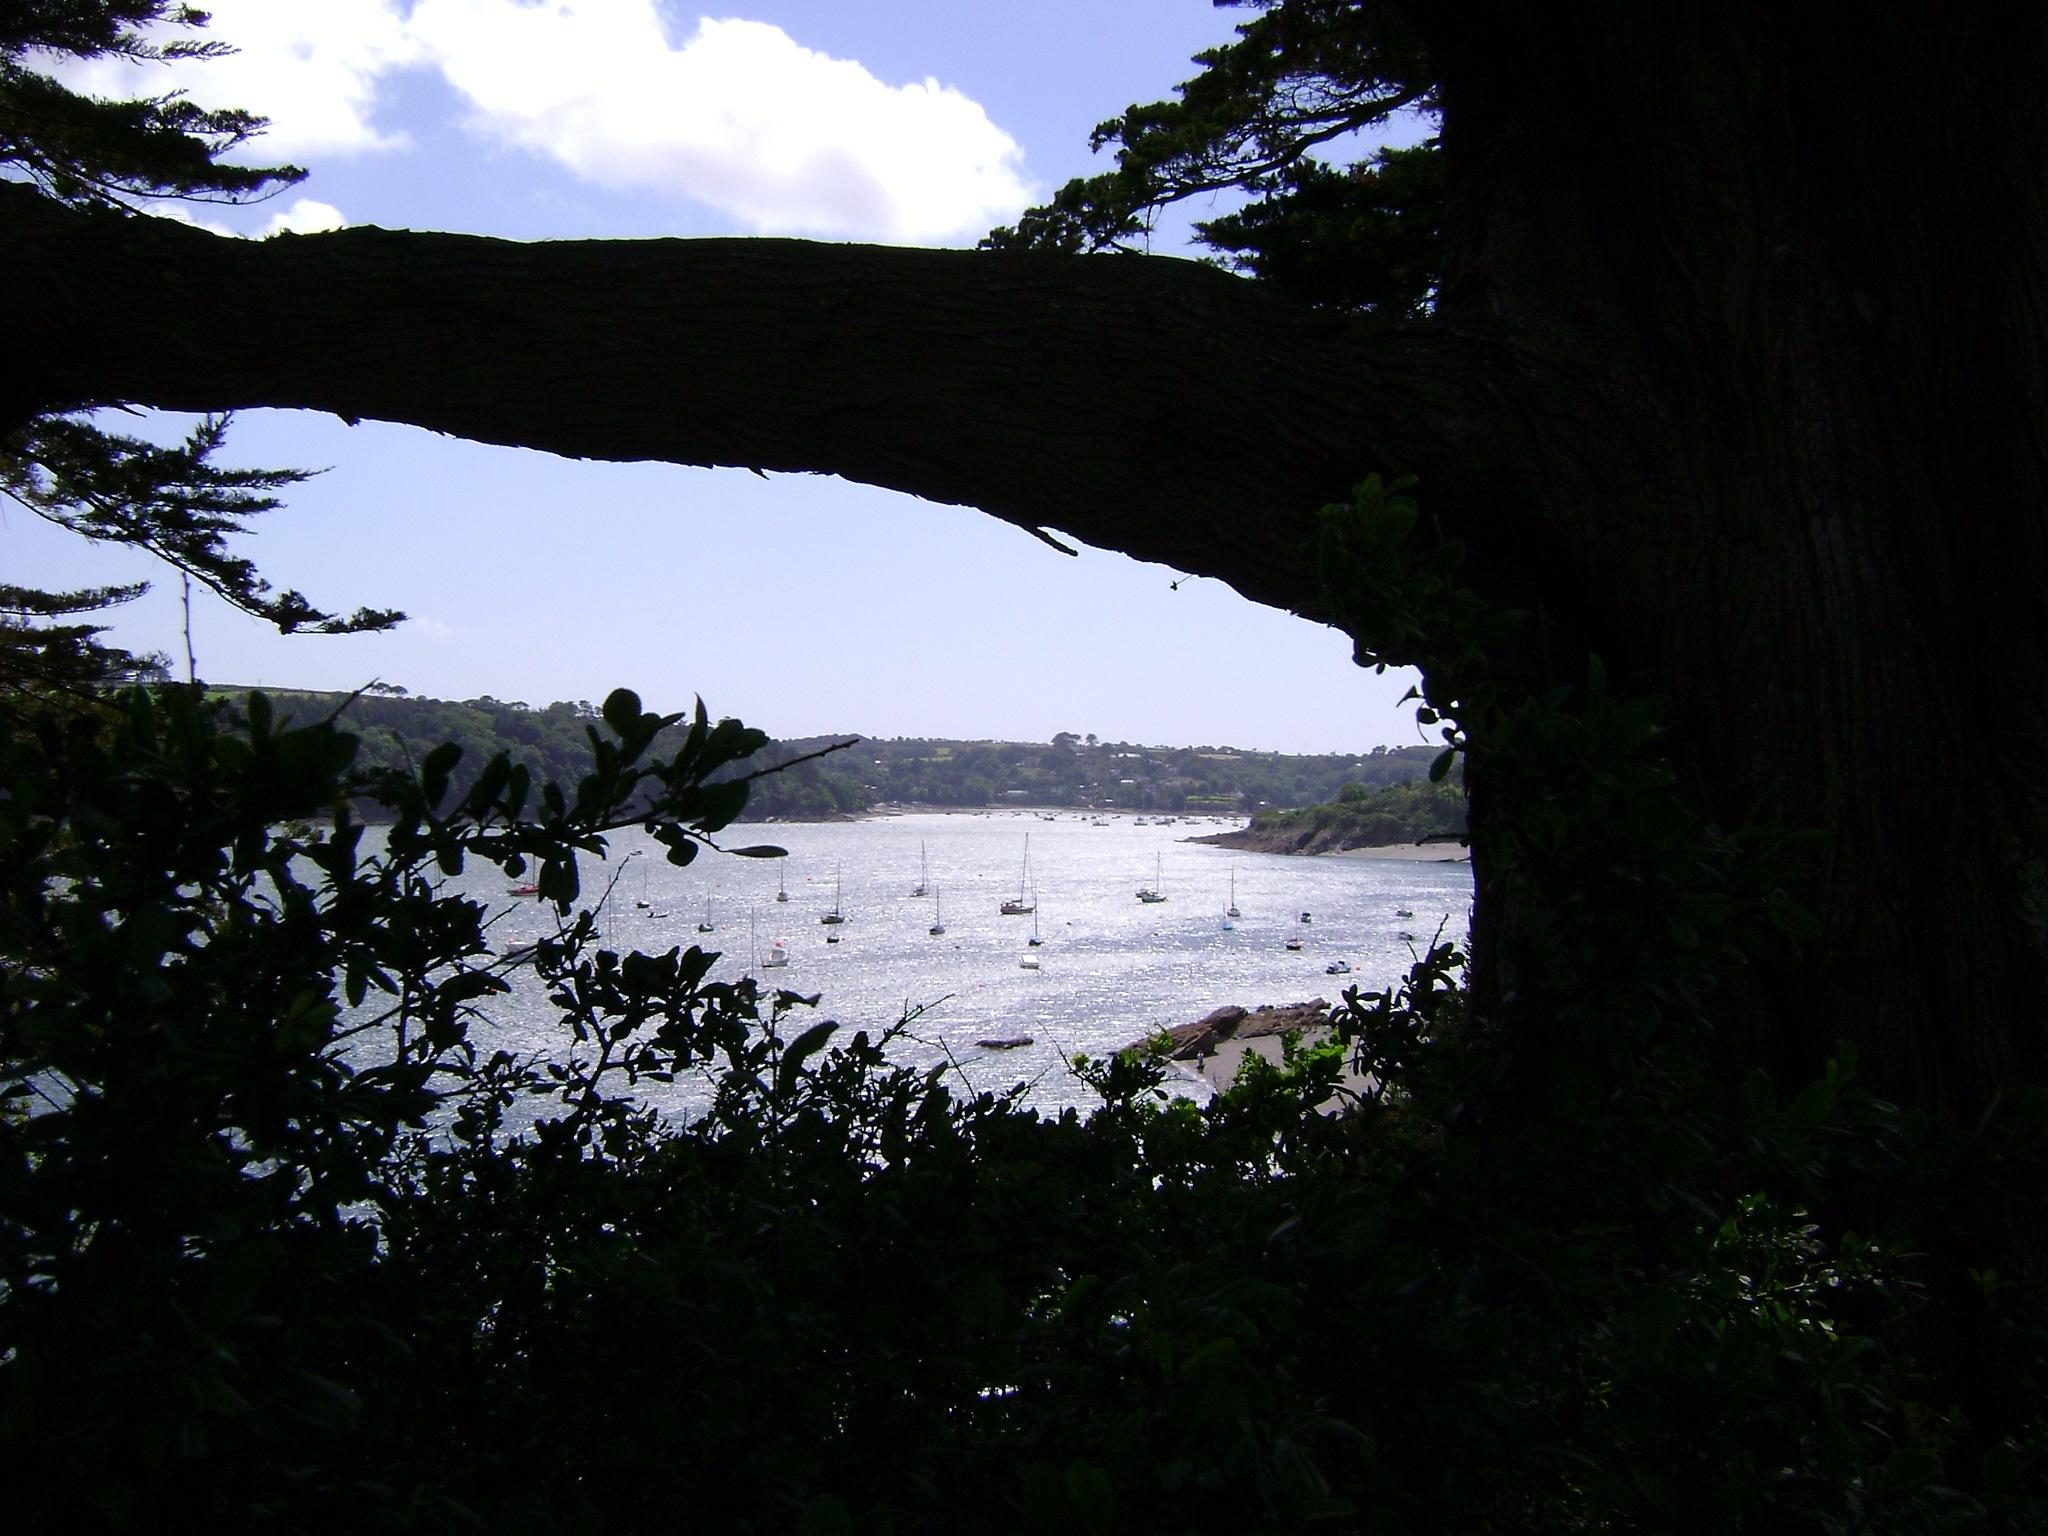 Helford Passage by rob.lloyd.3954